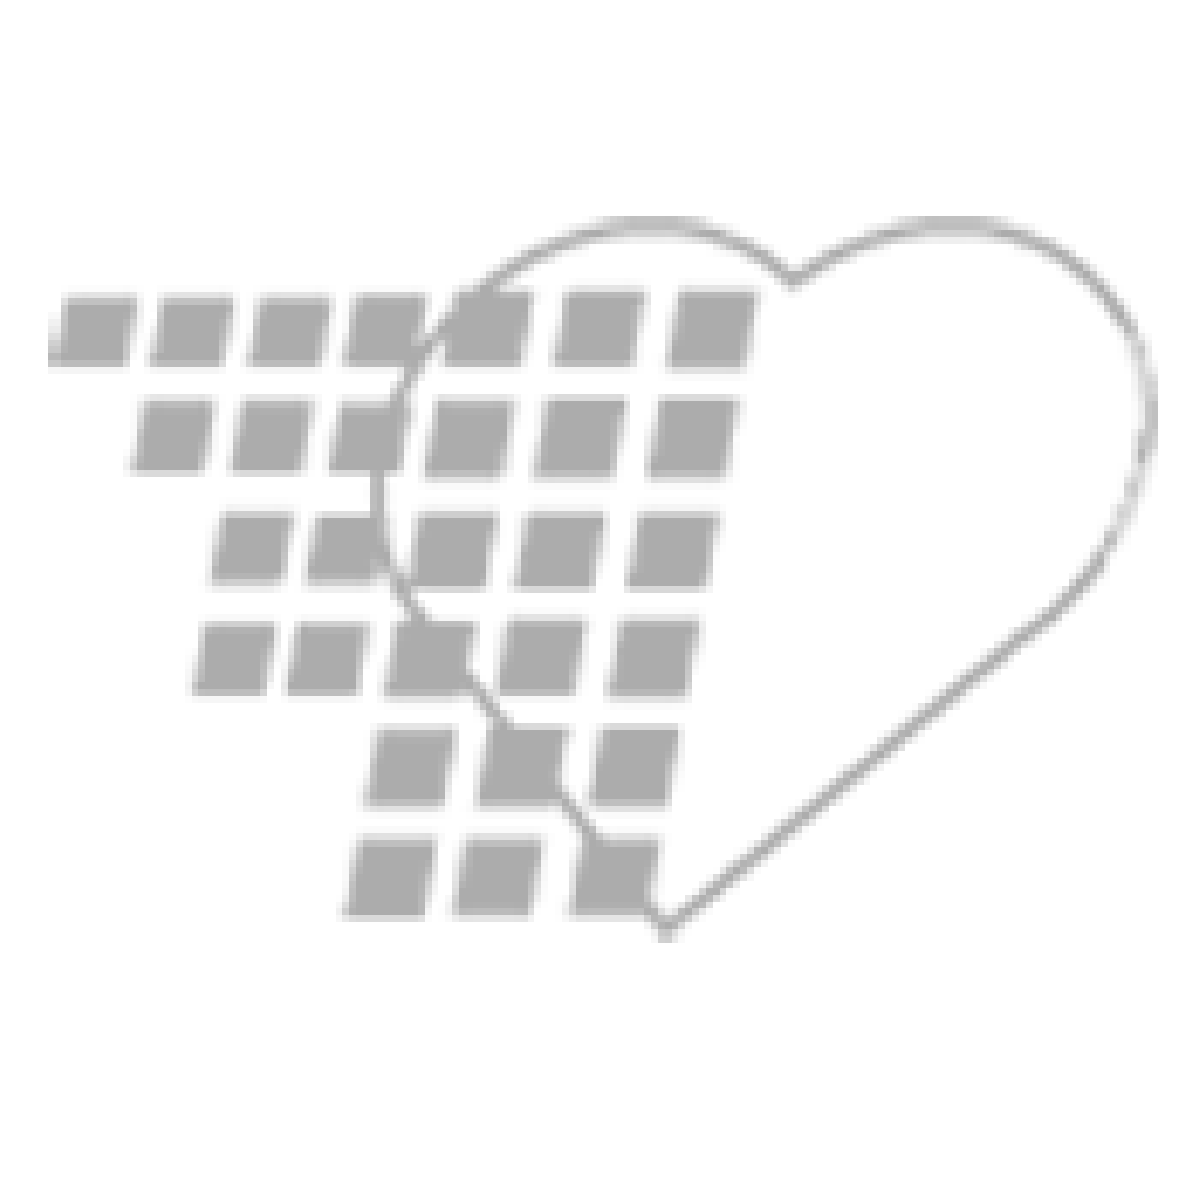 06-93-0422 Demo Dose® 70% Dextros IV Fluid 1000 mL